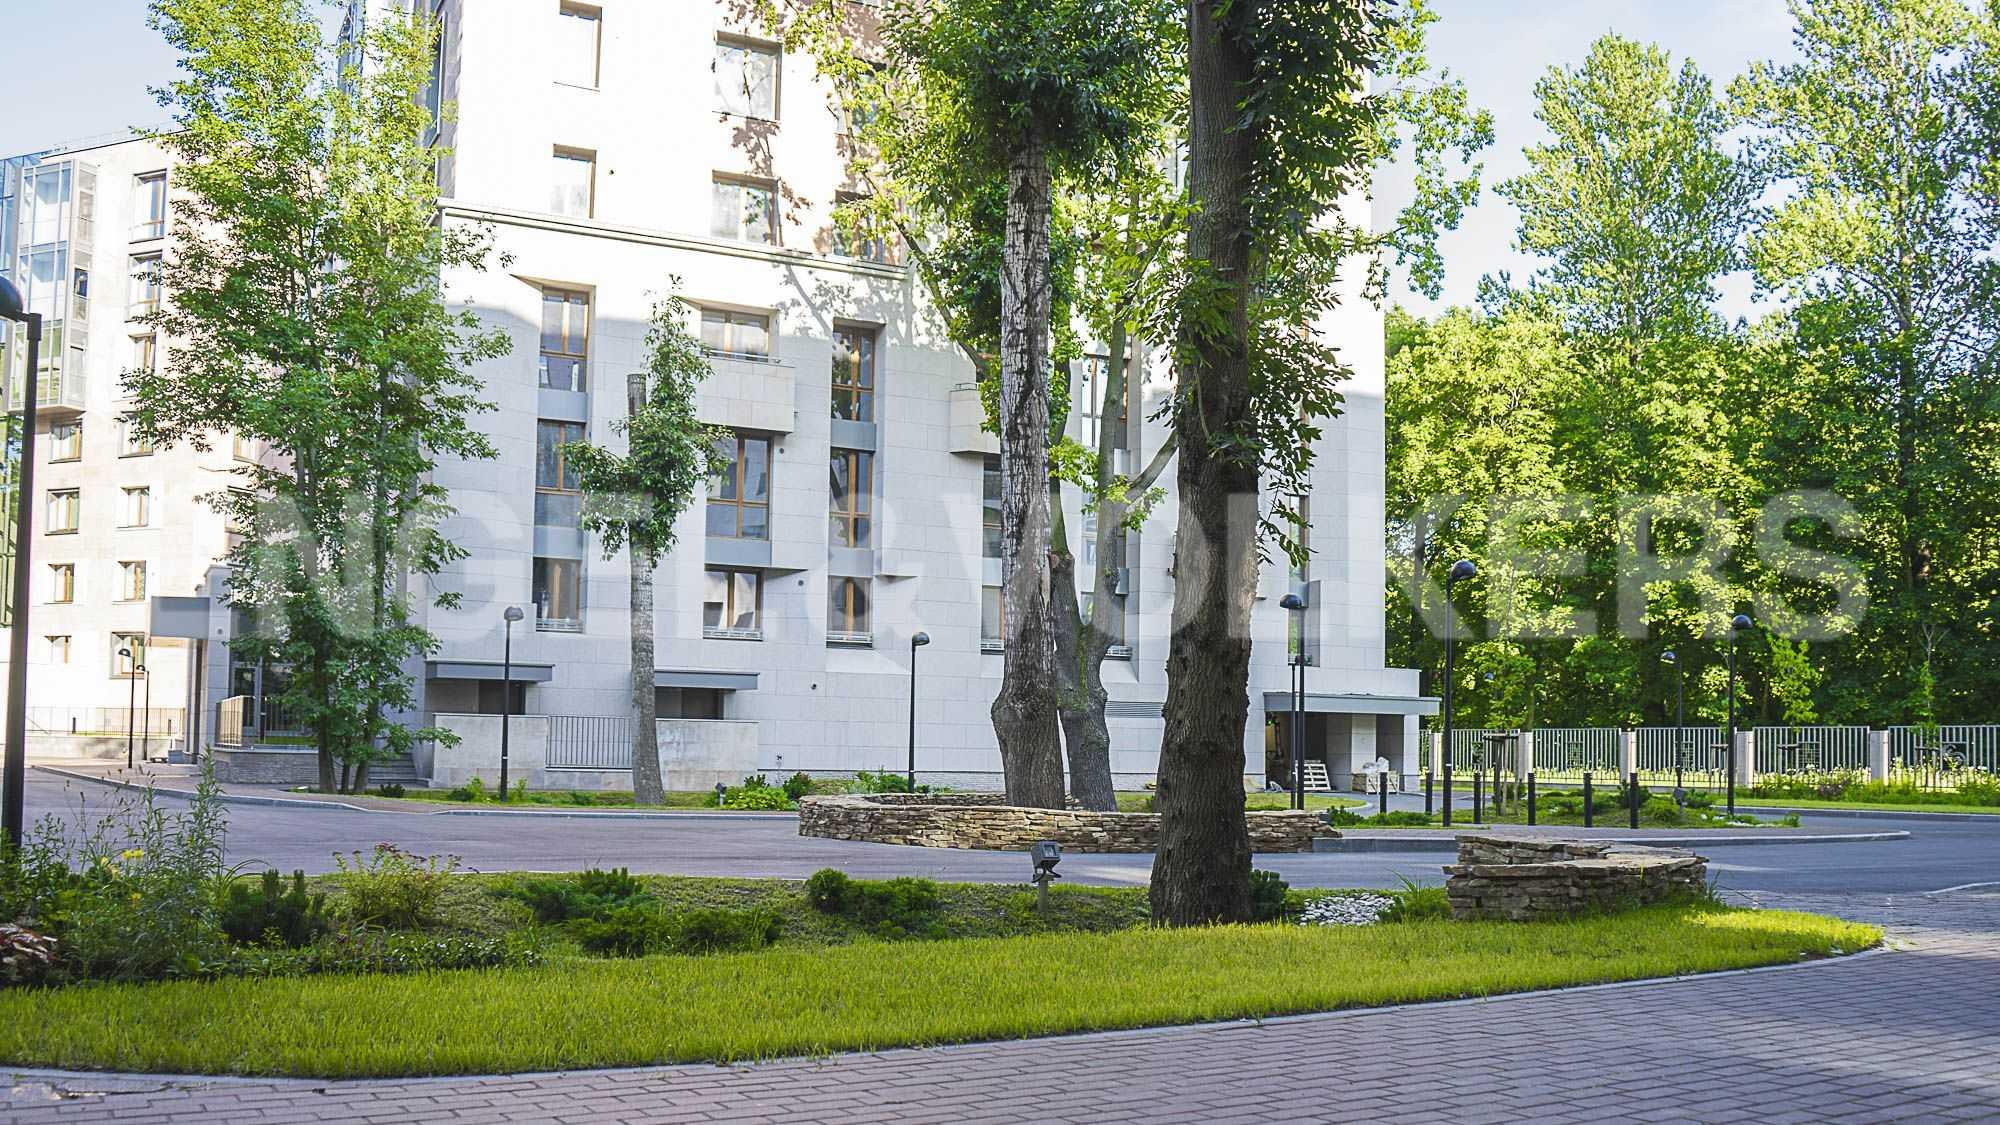 Элитные квартиры в Центральный р-н. Санкт-Петербург, Смольная наб.,8. Внутренняя территория комплекса